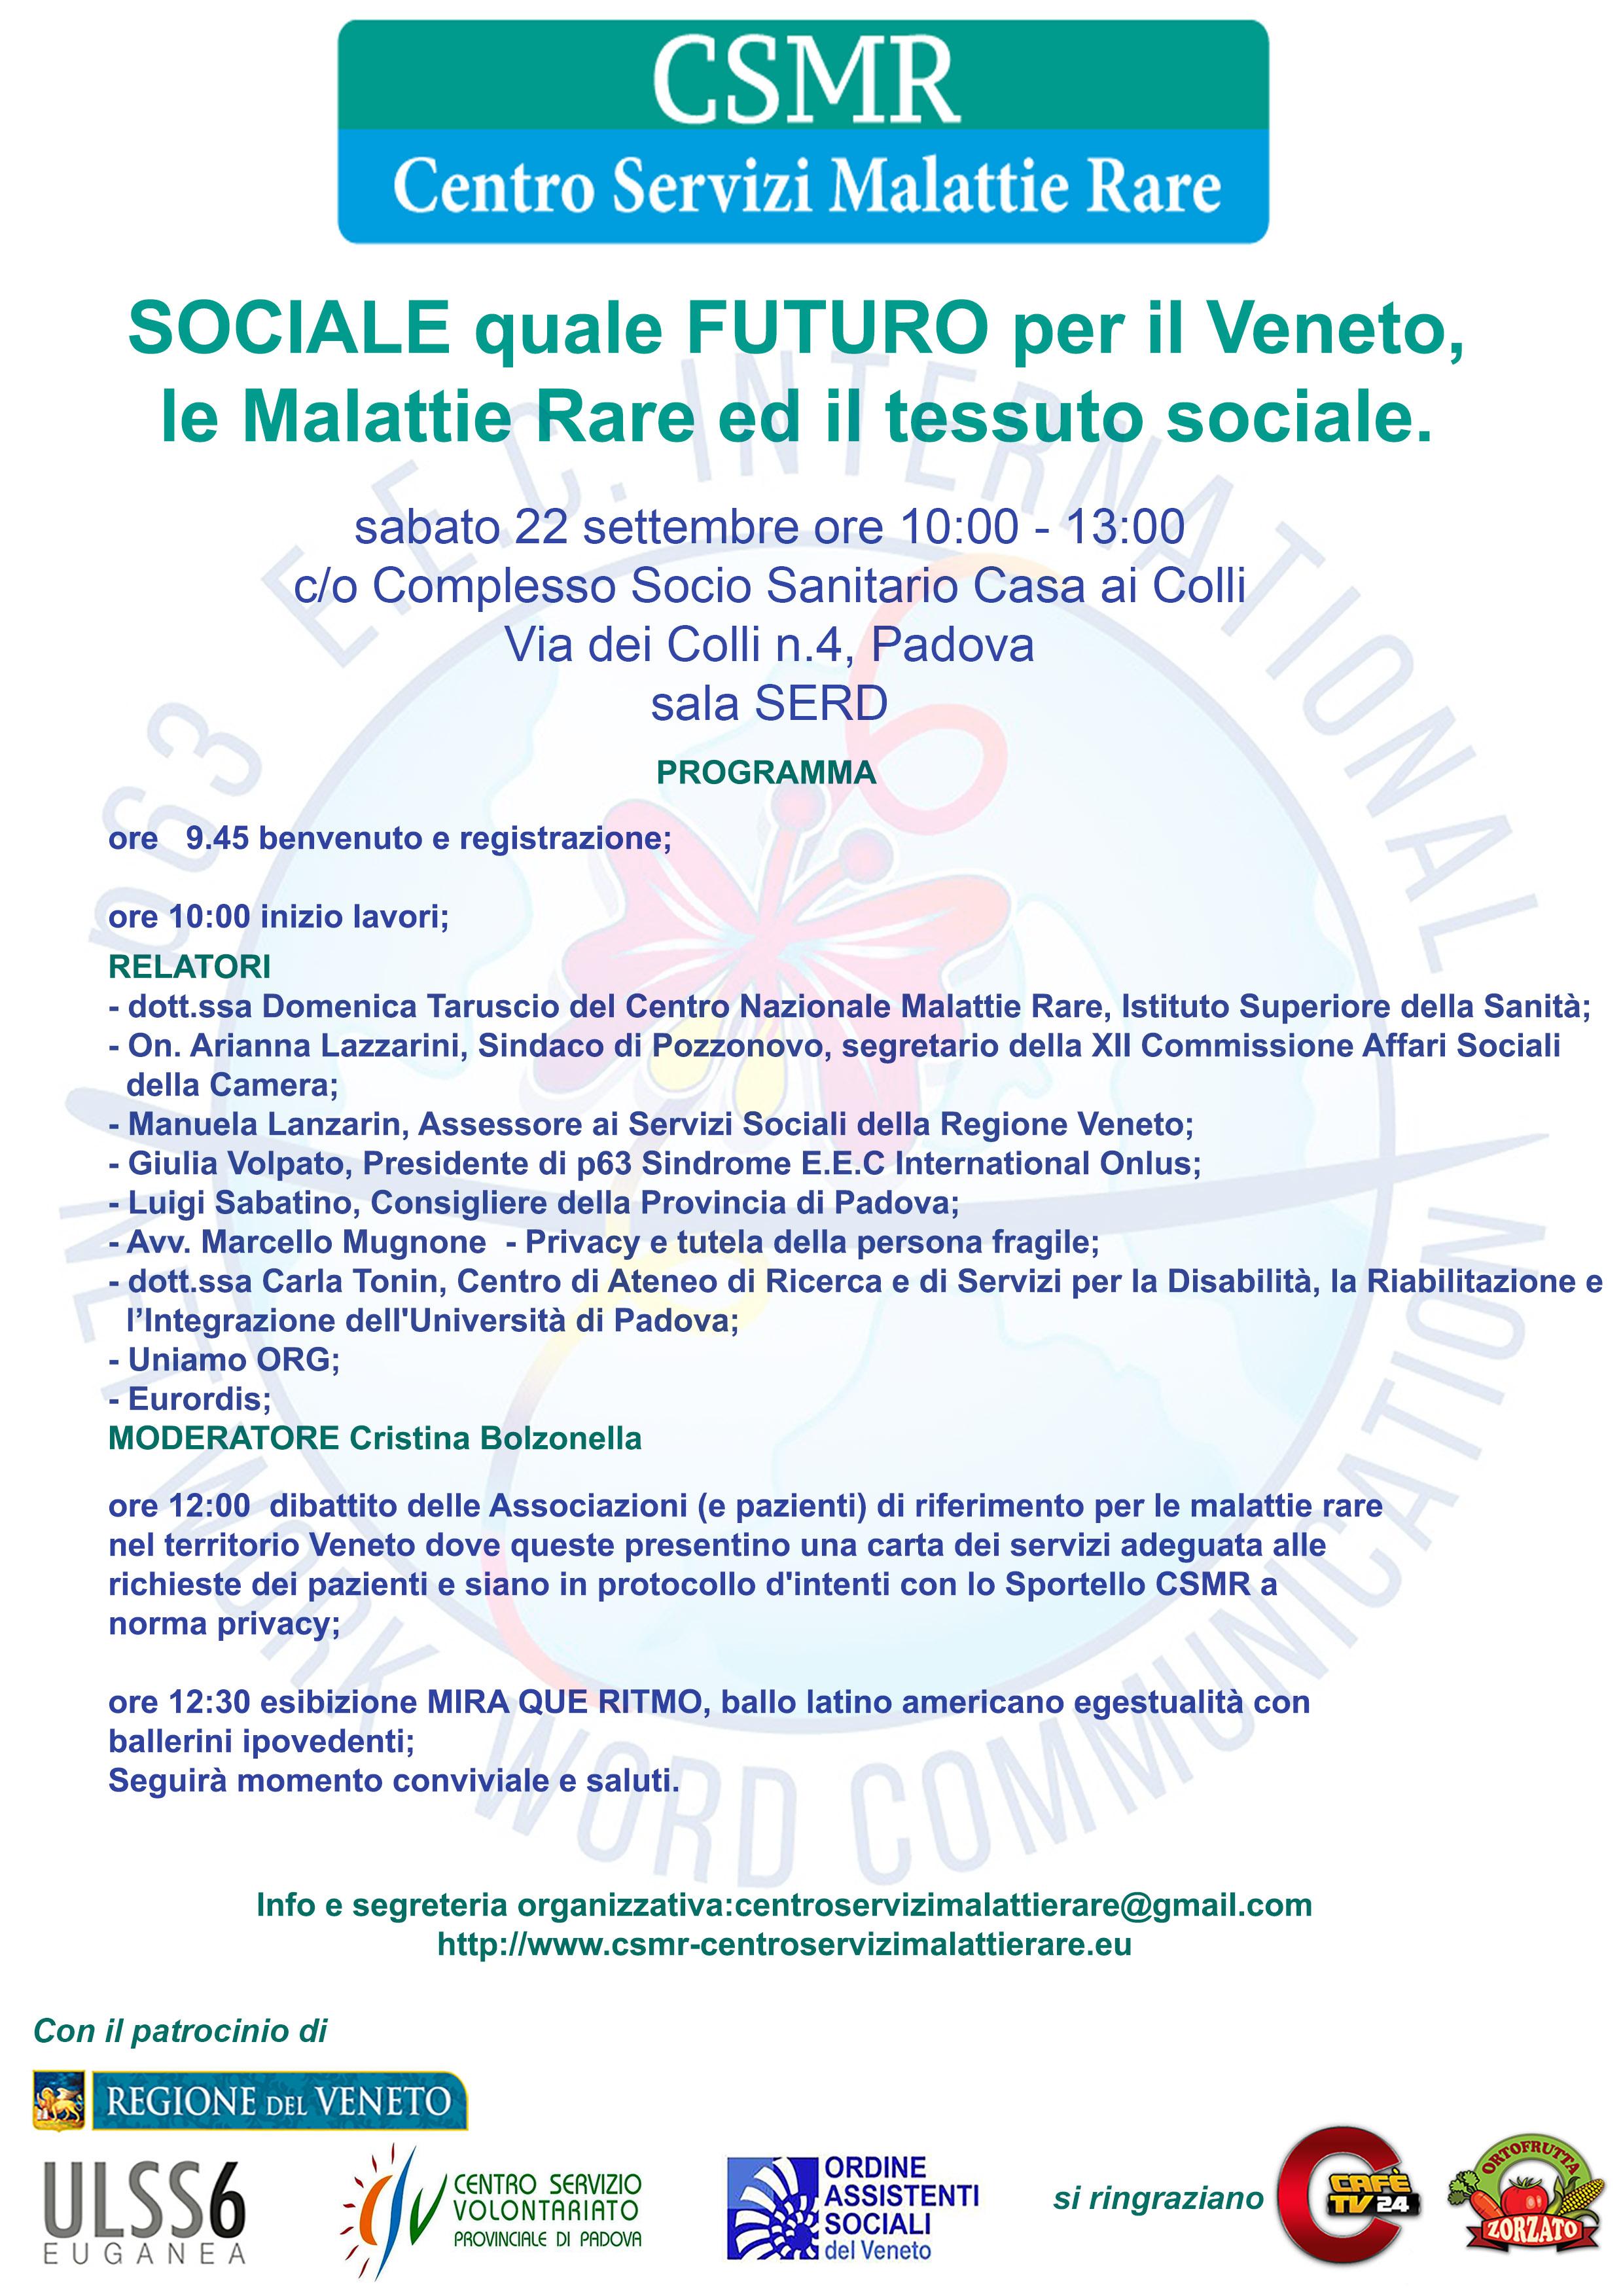 SOCIALE quale FUTURO per il Veneto, le Malattie Rare ed il tessuto sociale